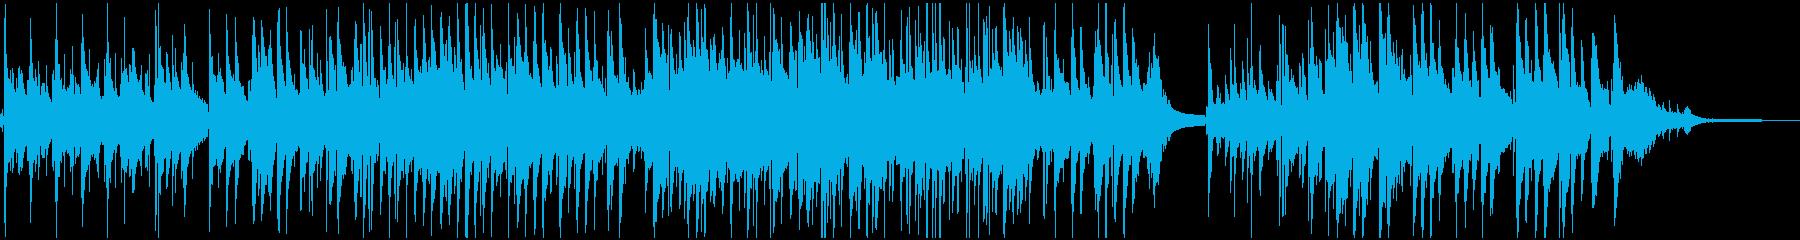 童謡『故郷』のジャズ・アレンジの再生済みの波形